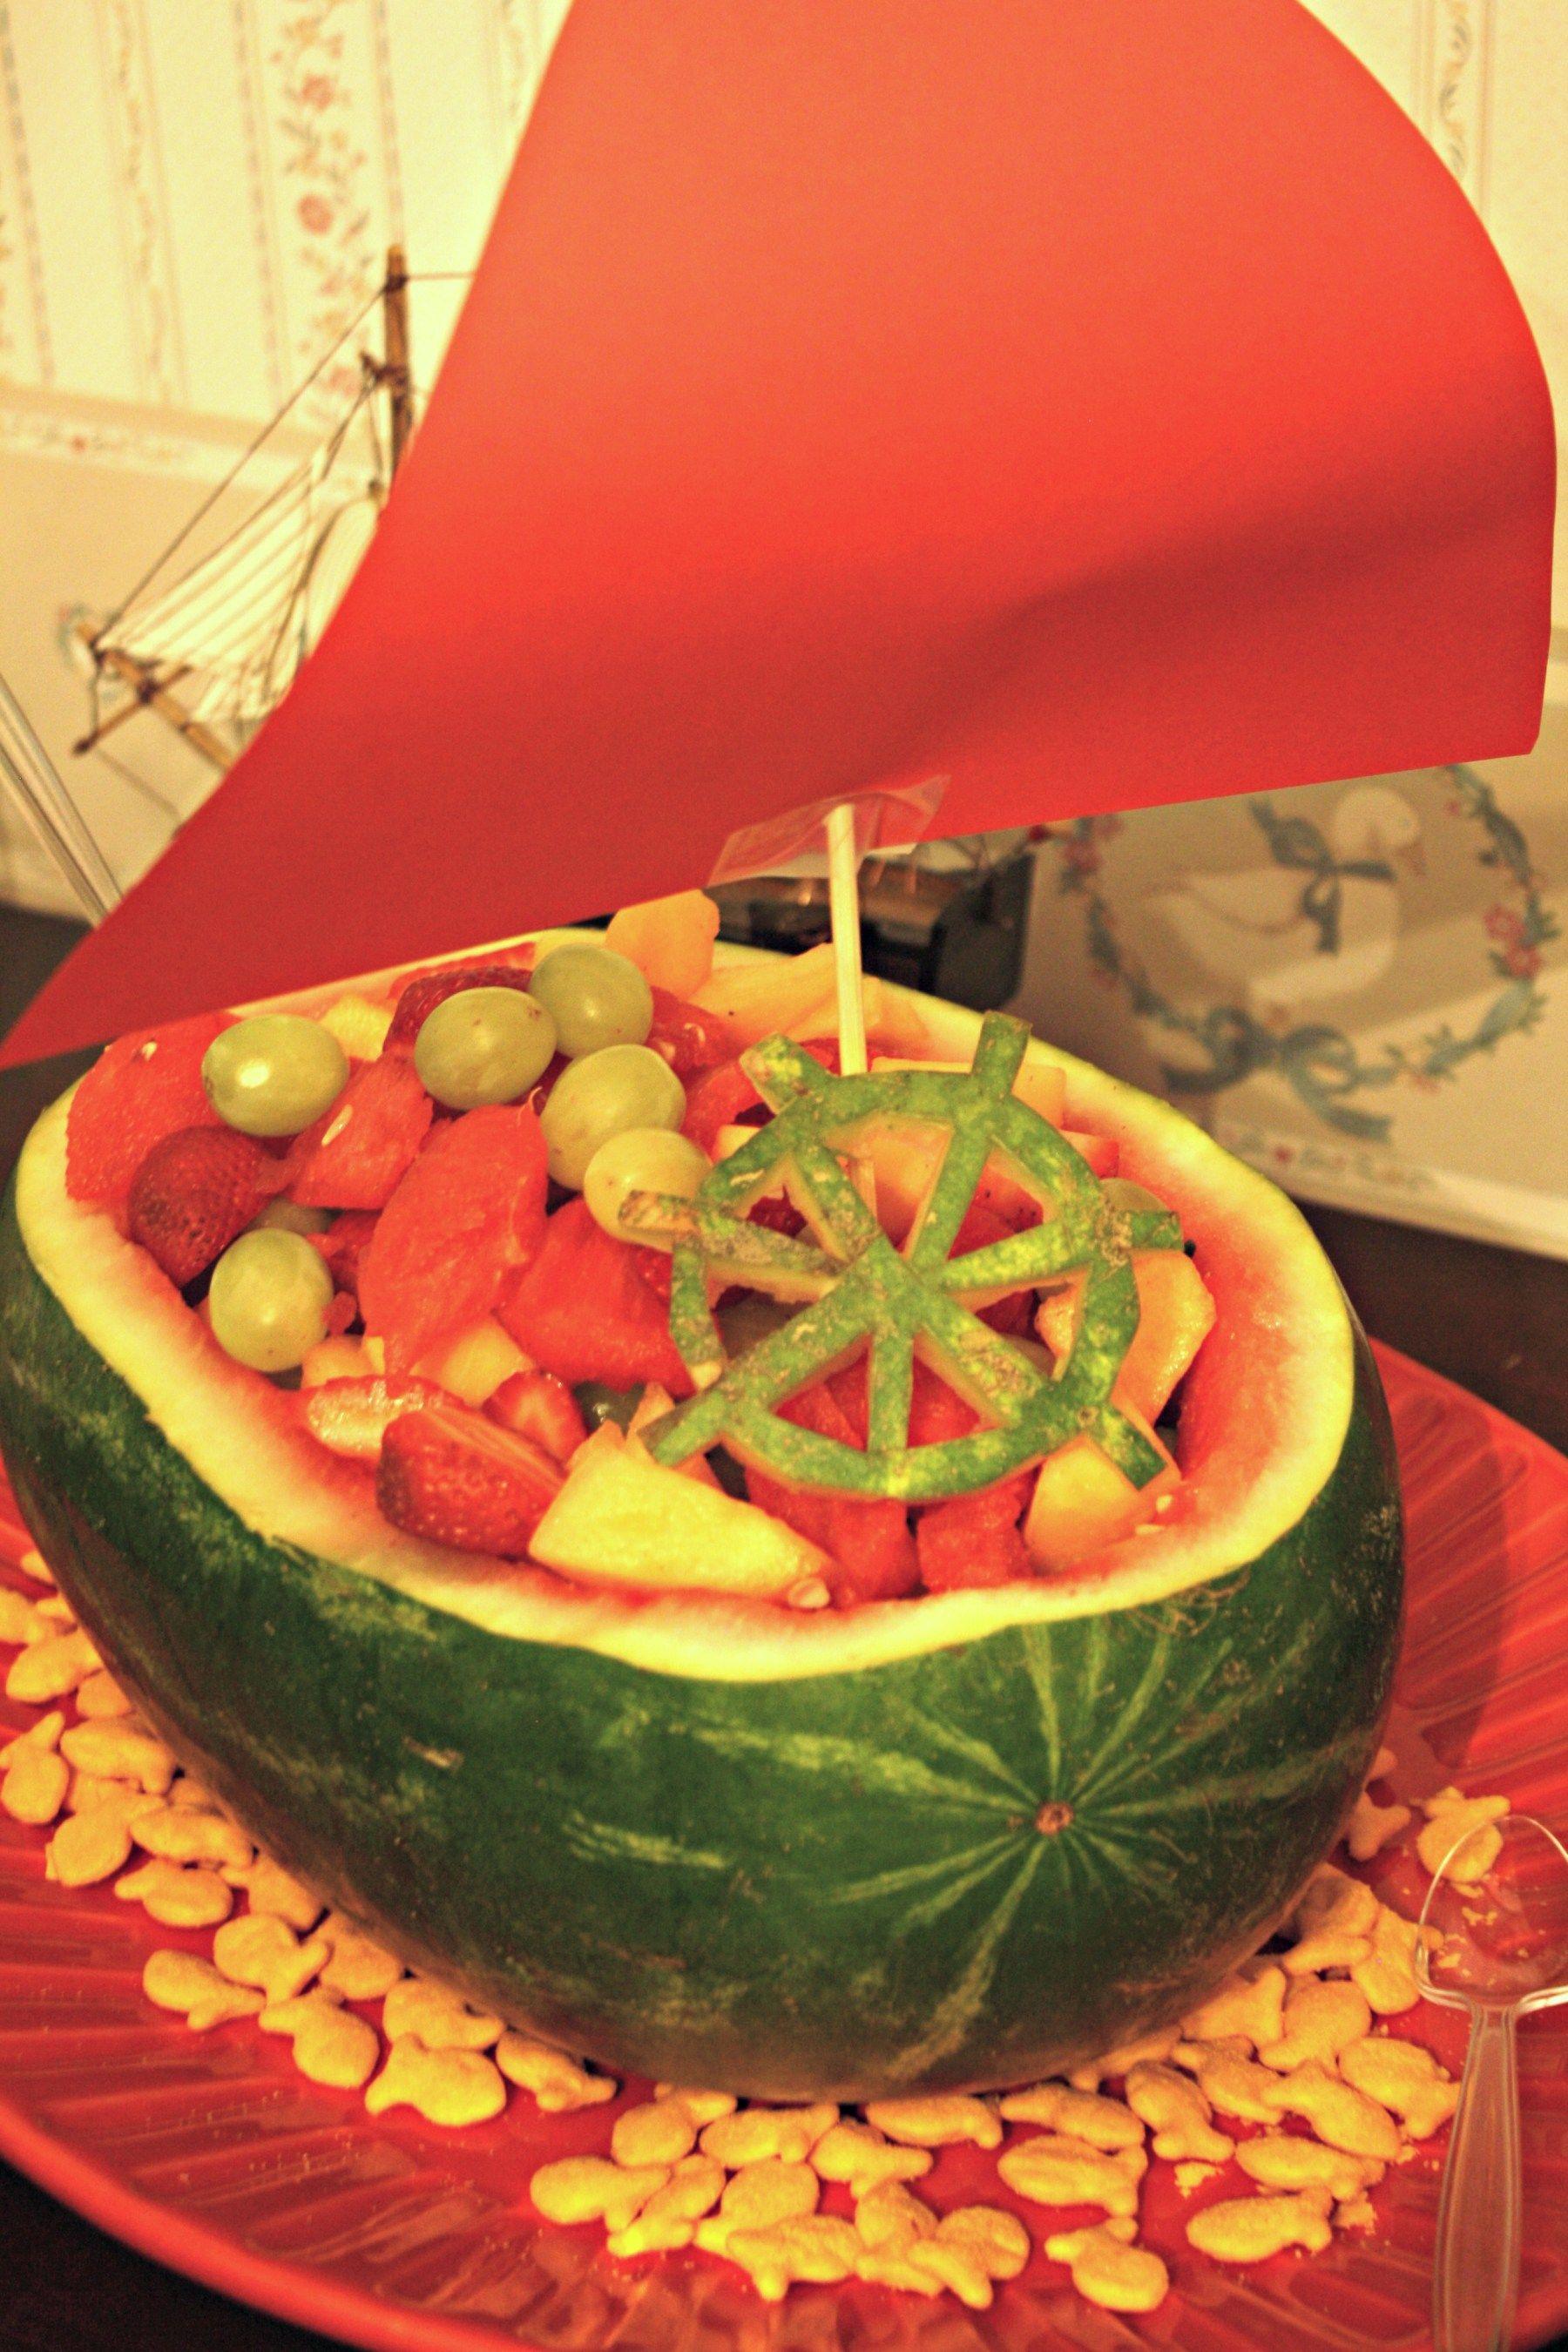 Watermelon Ship Fruit Bowl